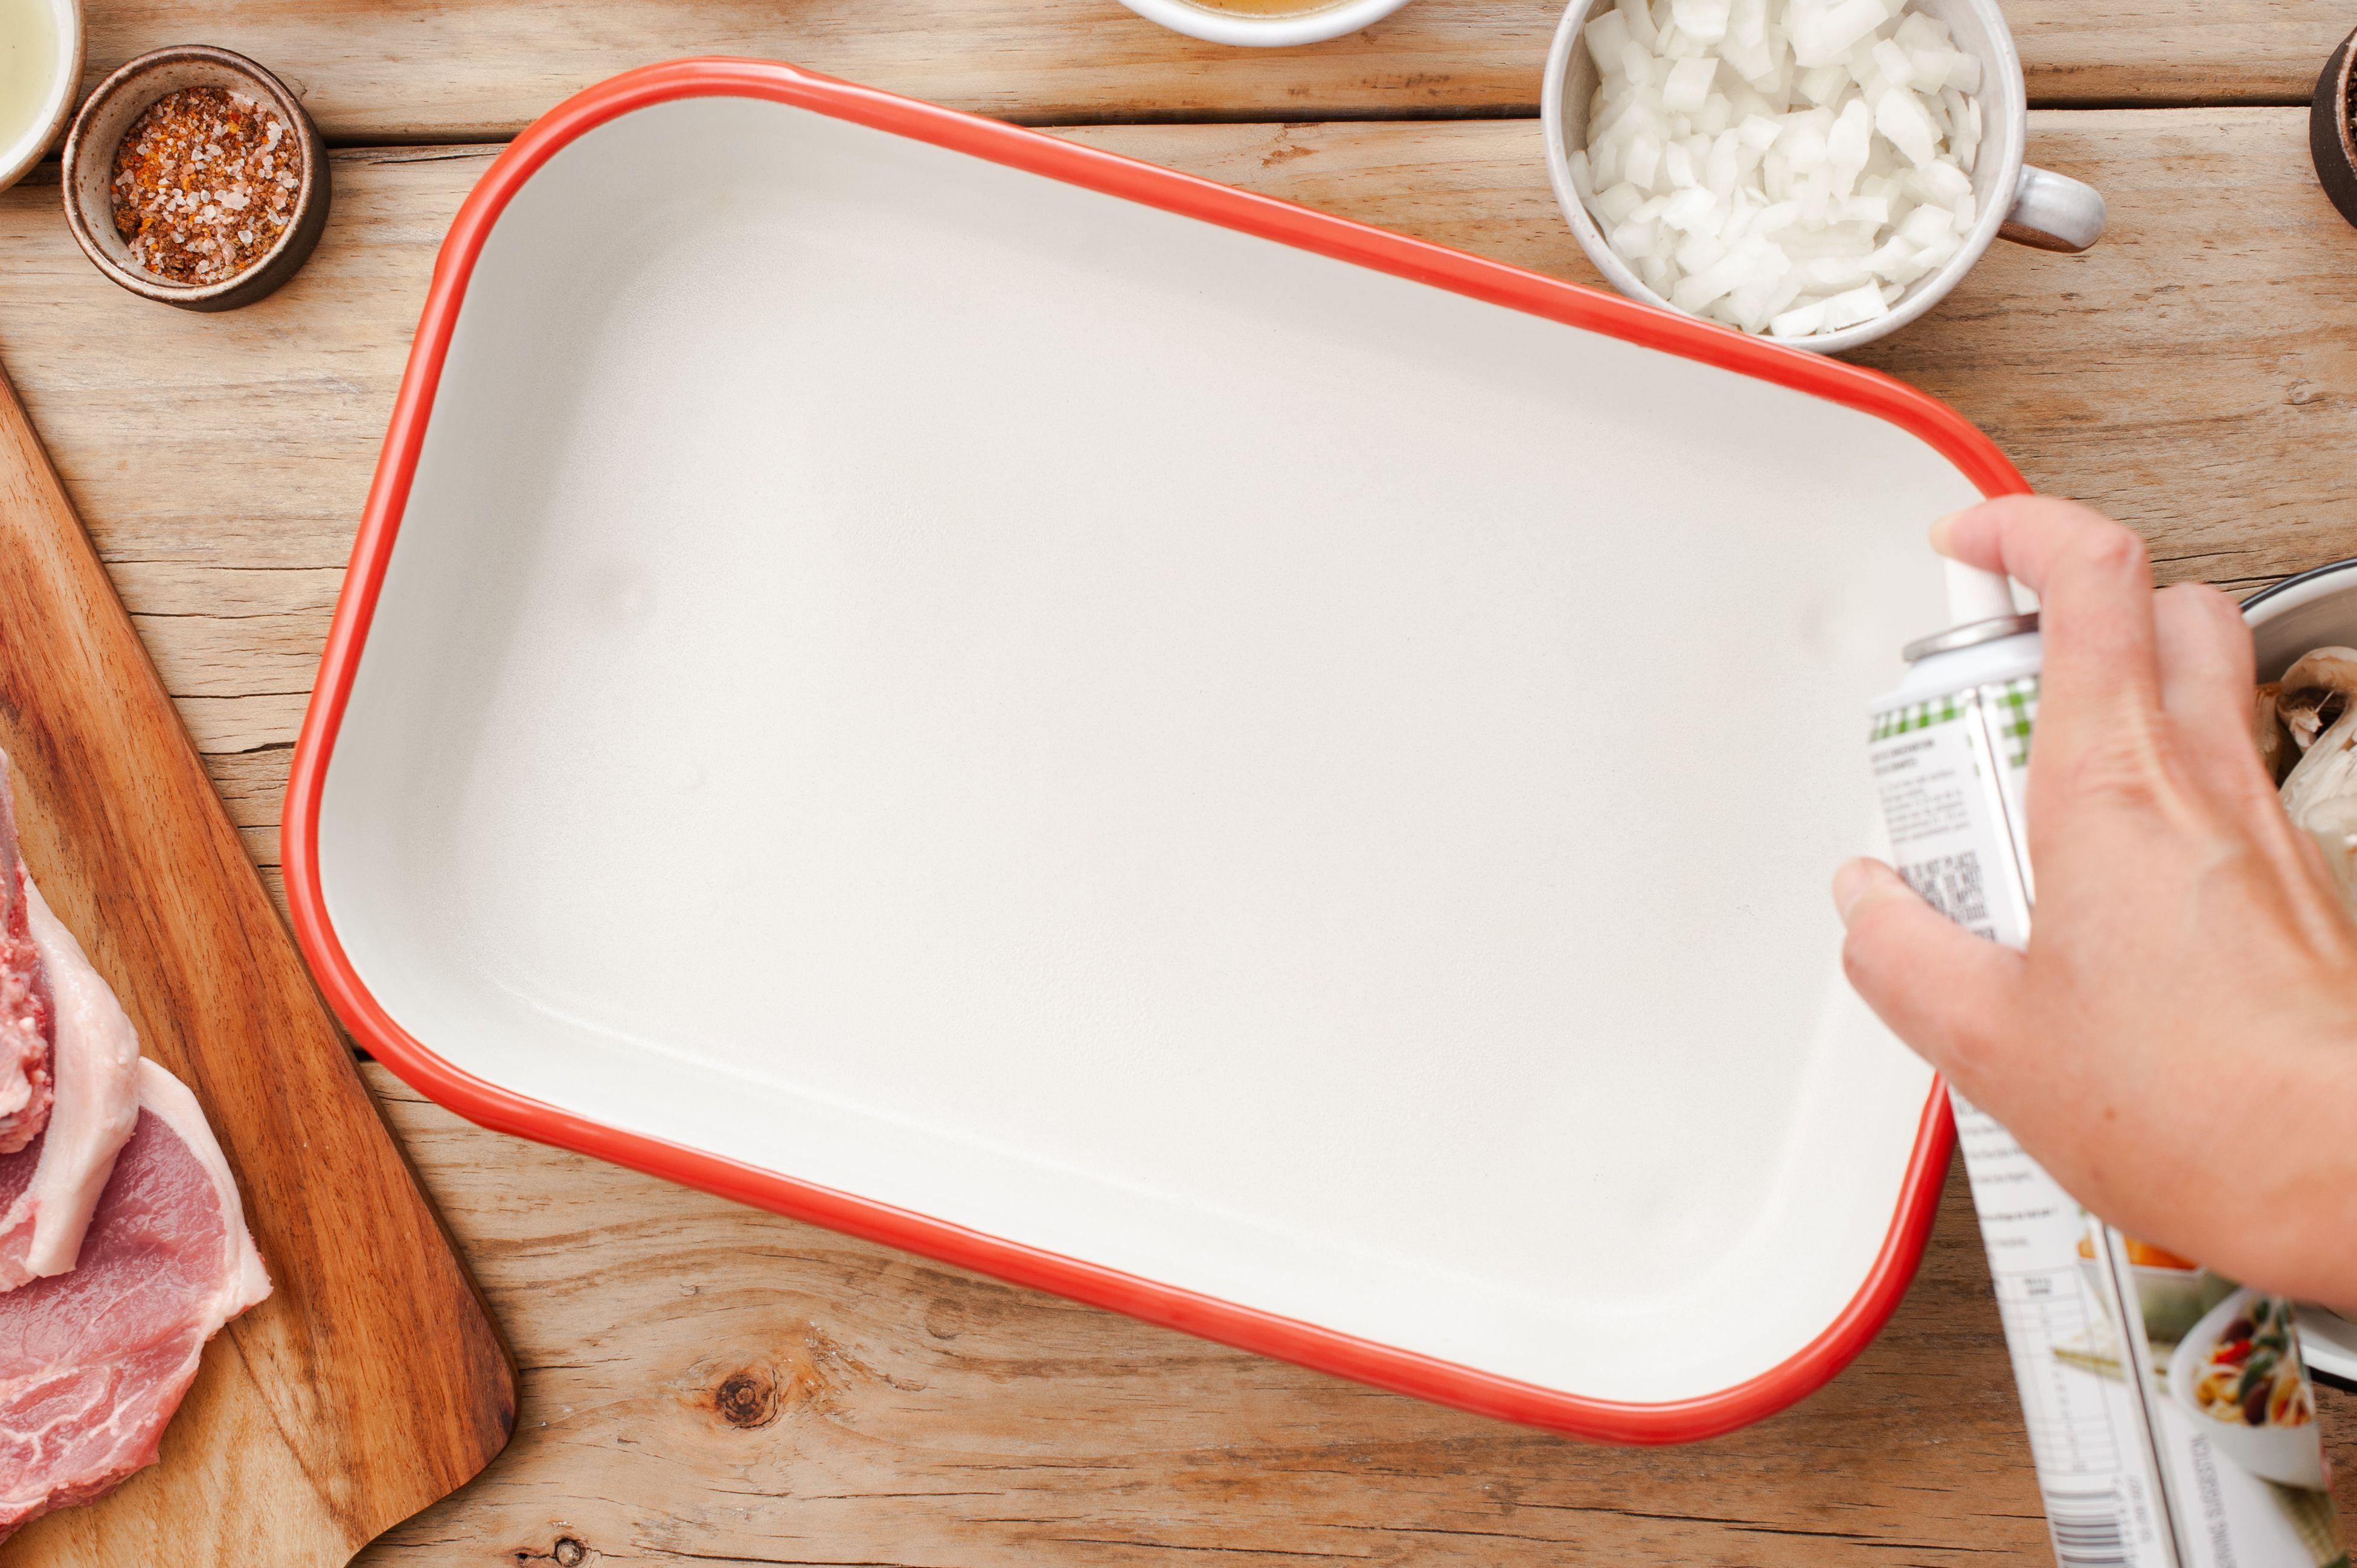 Grease a shallow baking dish